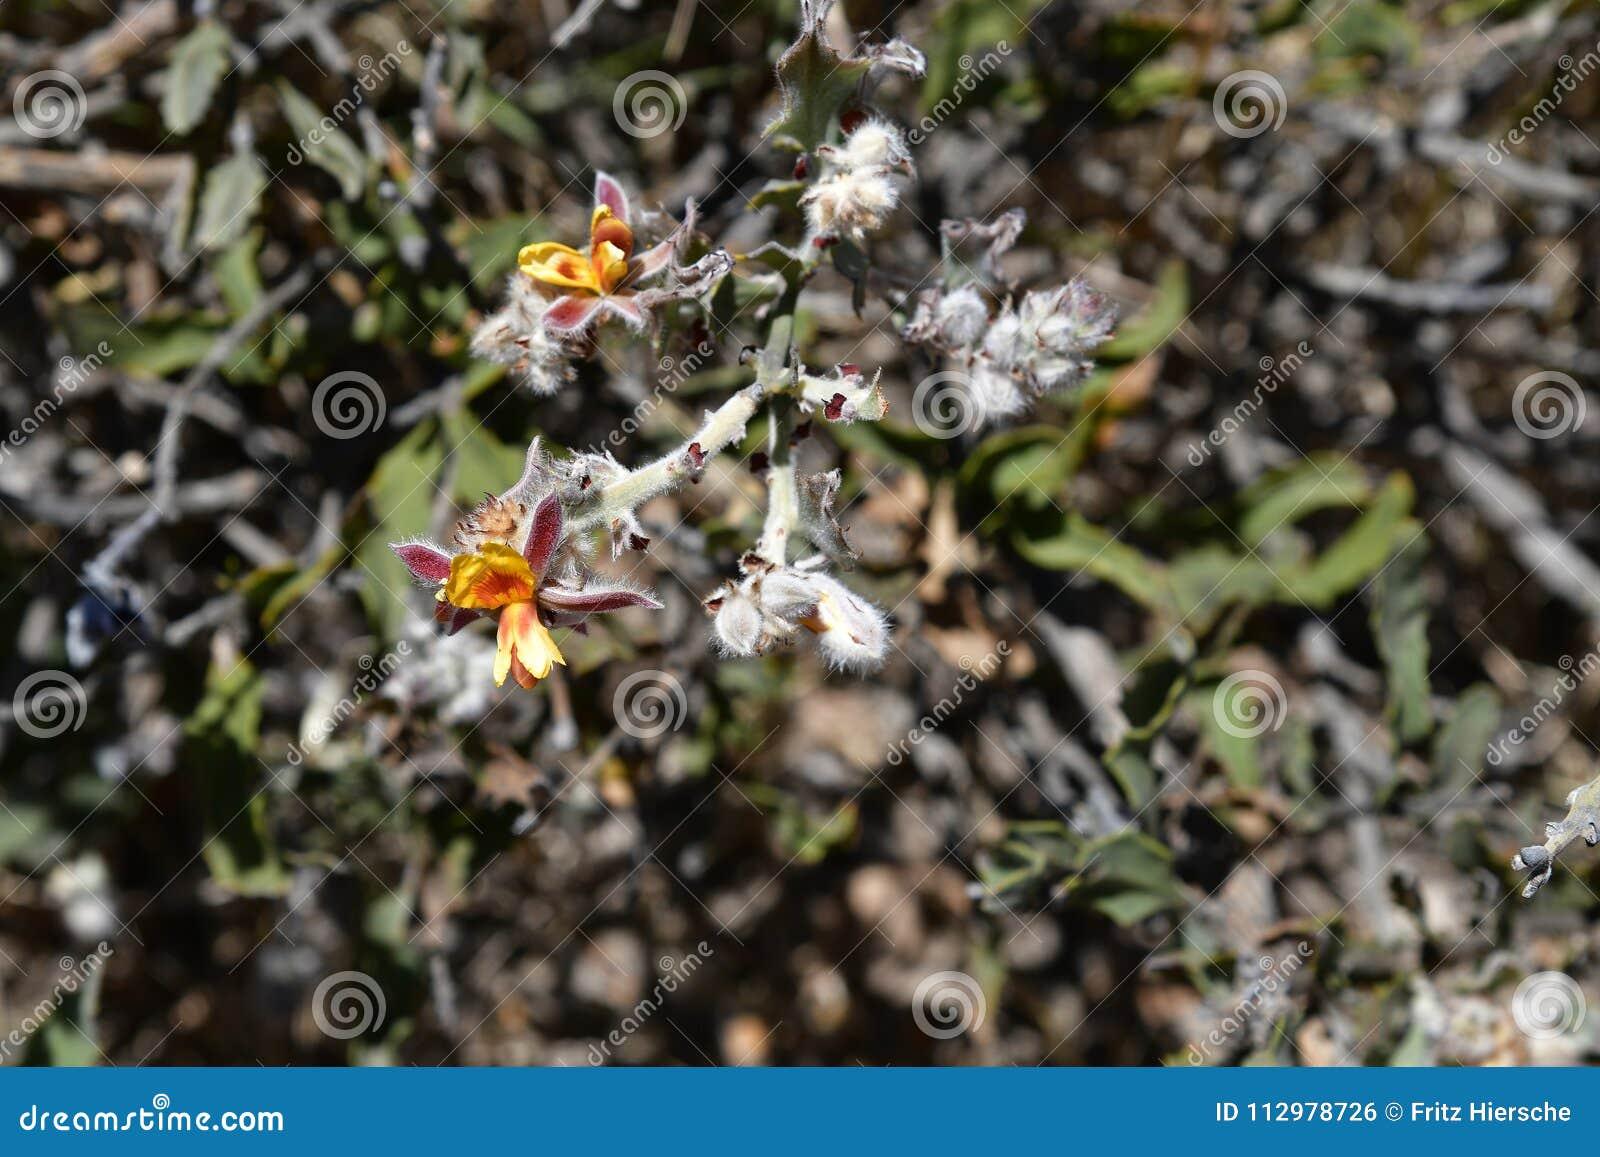 Australia, Botany, wildflower